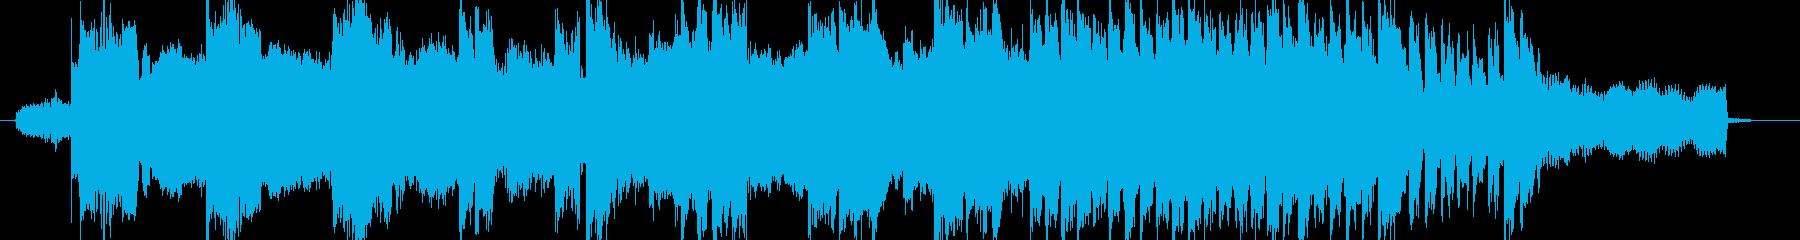 幻想的で雄大、無機質なジングルの再生済みの波形